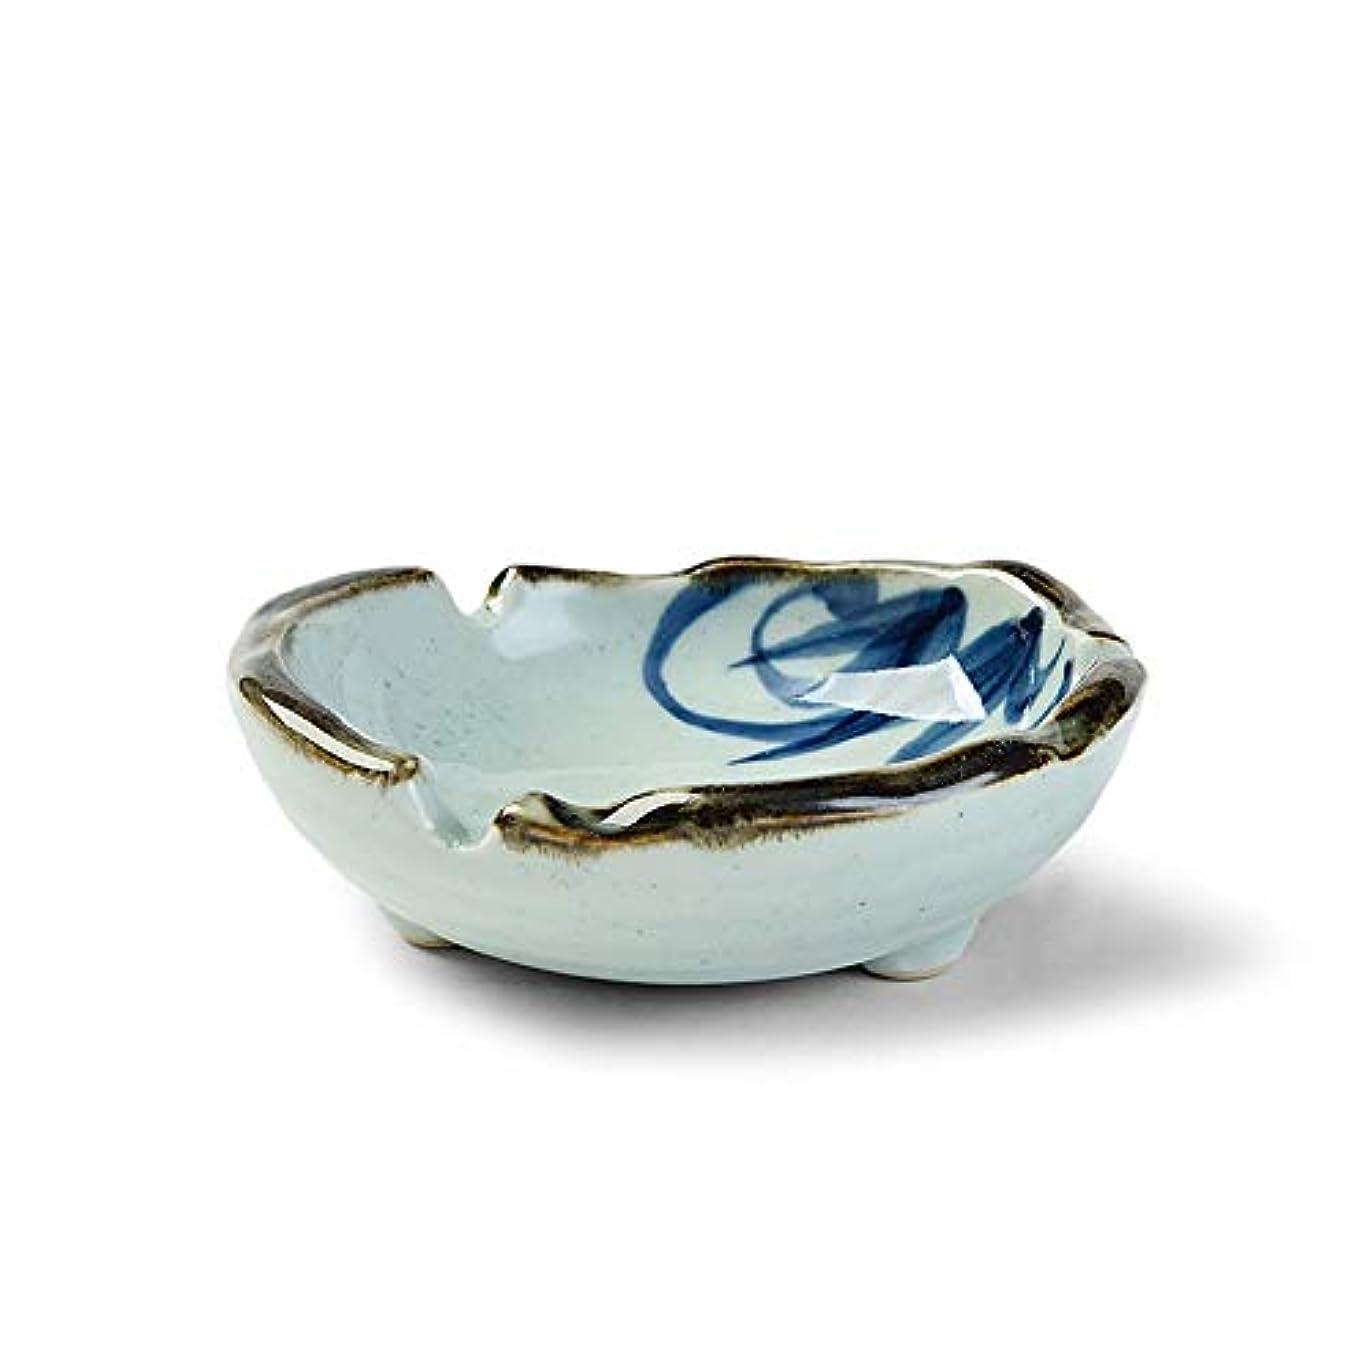 リズミカルな過言スペイン語タバコ、ギフトおよび総本店の装飾のための灰皿円形の光沢のあるセラミック灰皿